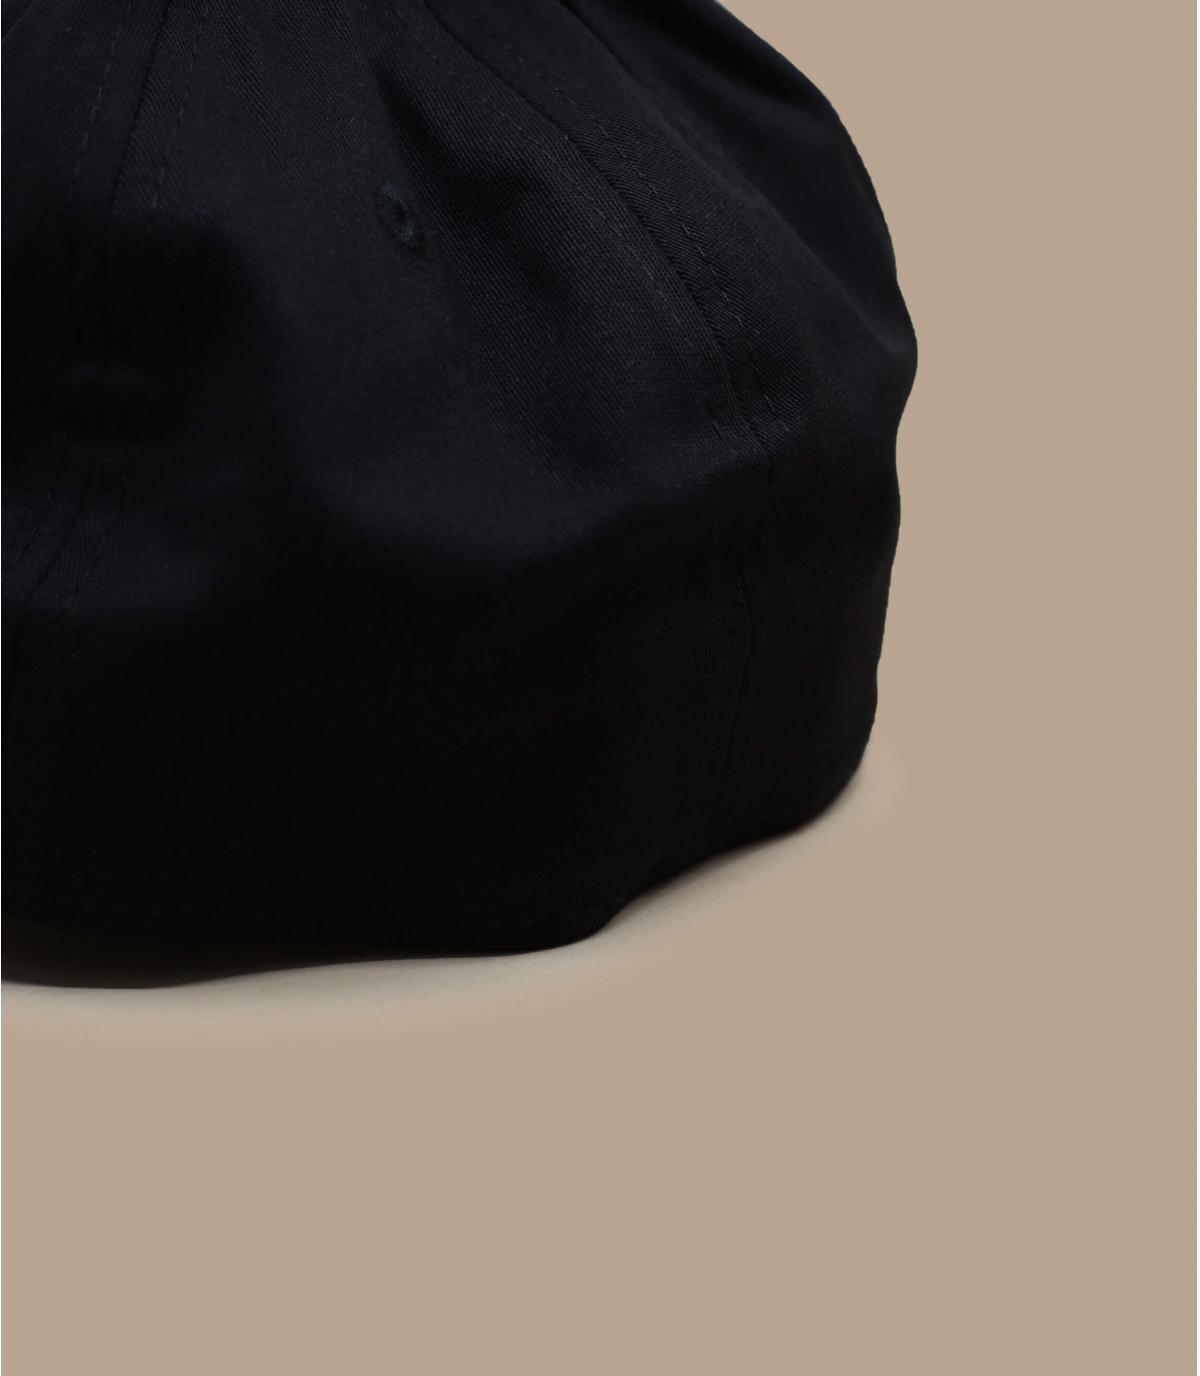 Dettagli 39Thirty ny black - image 4